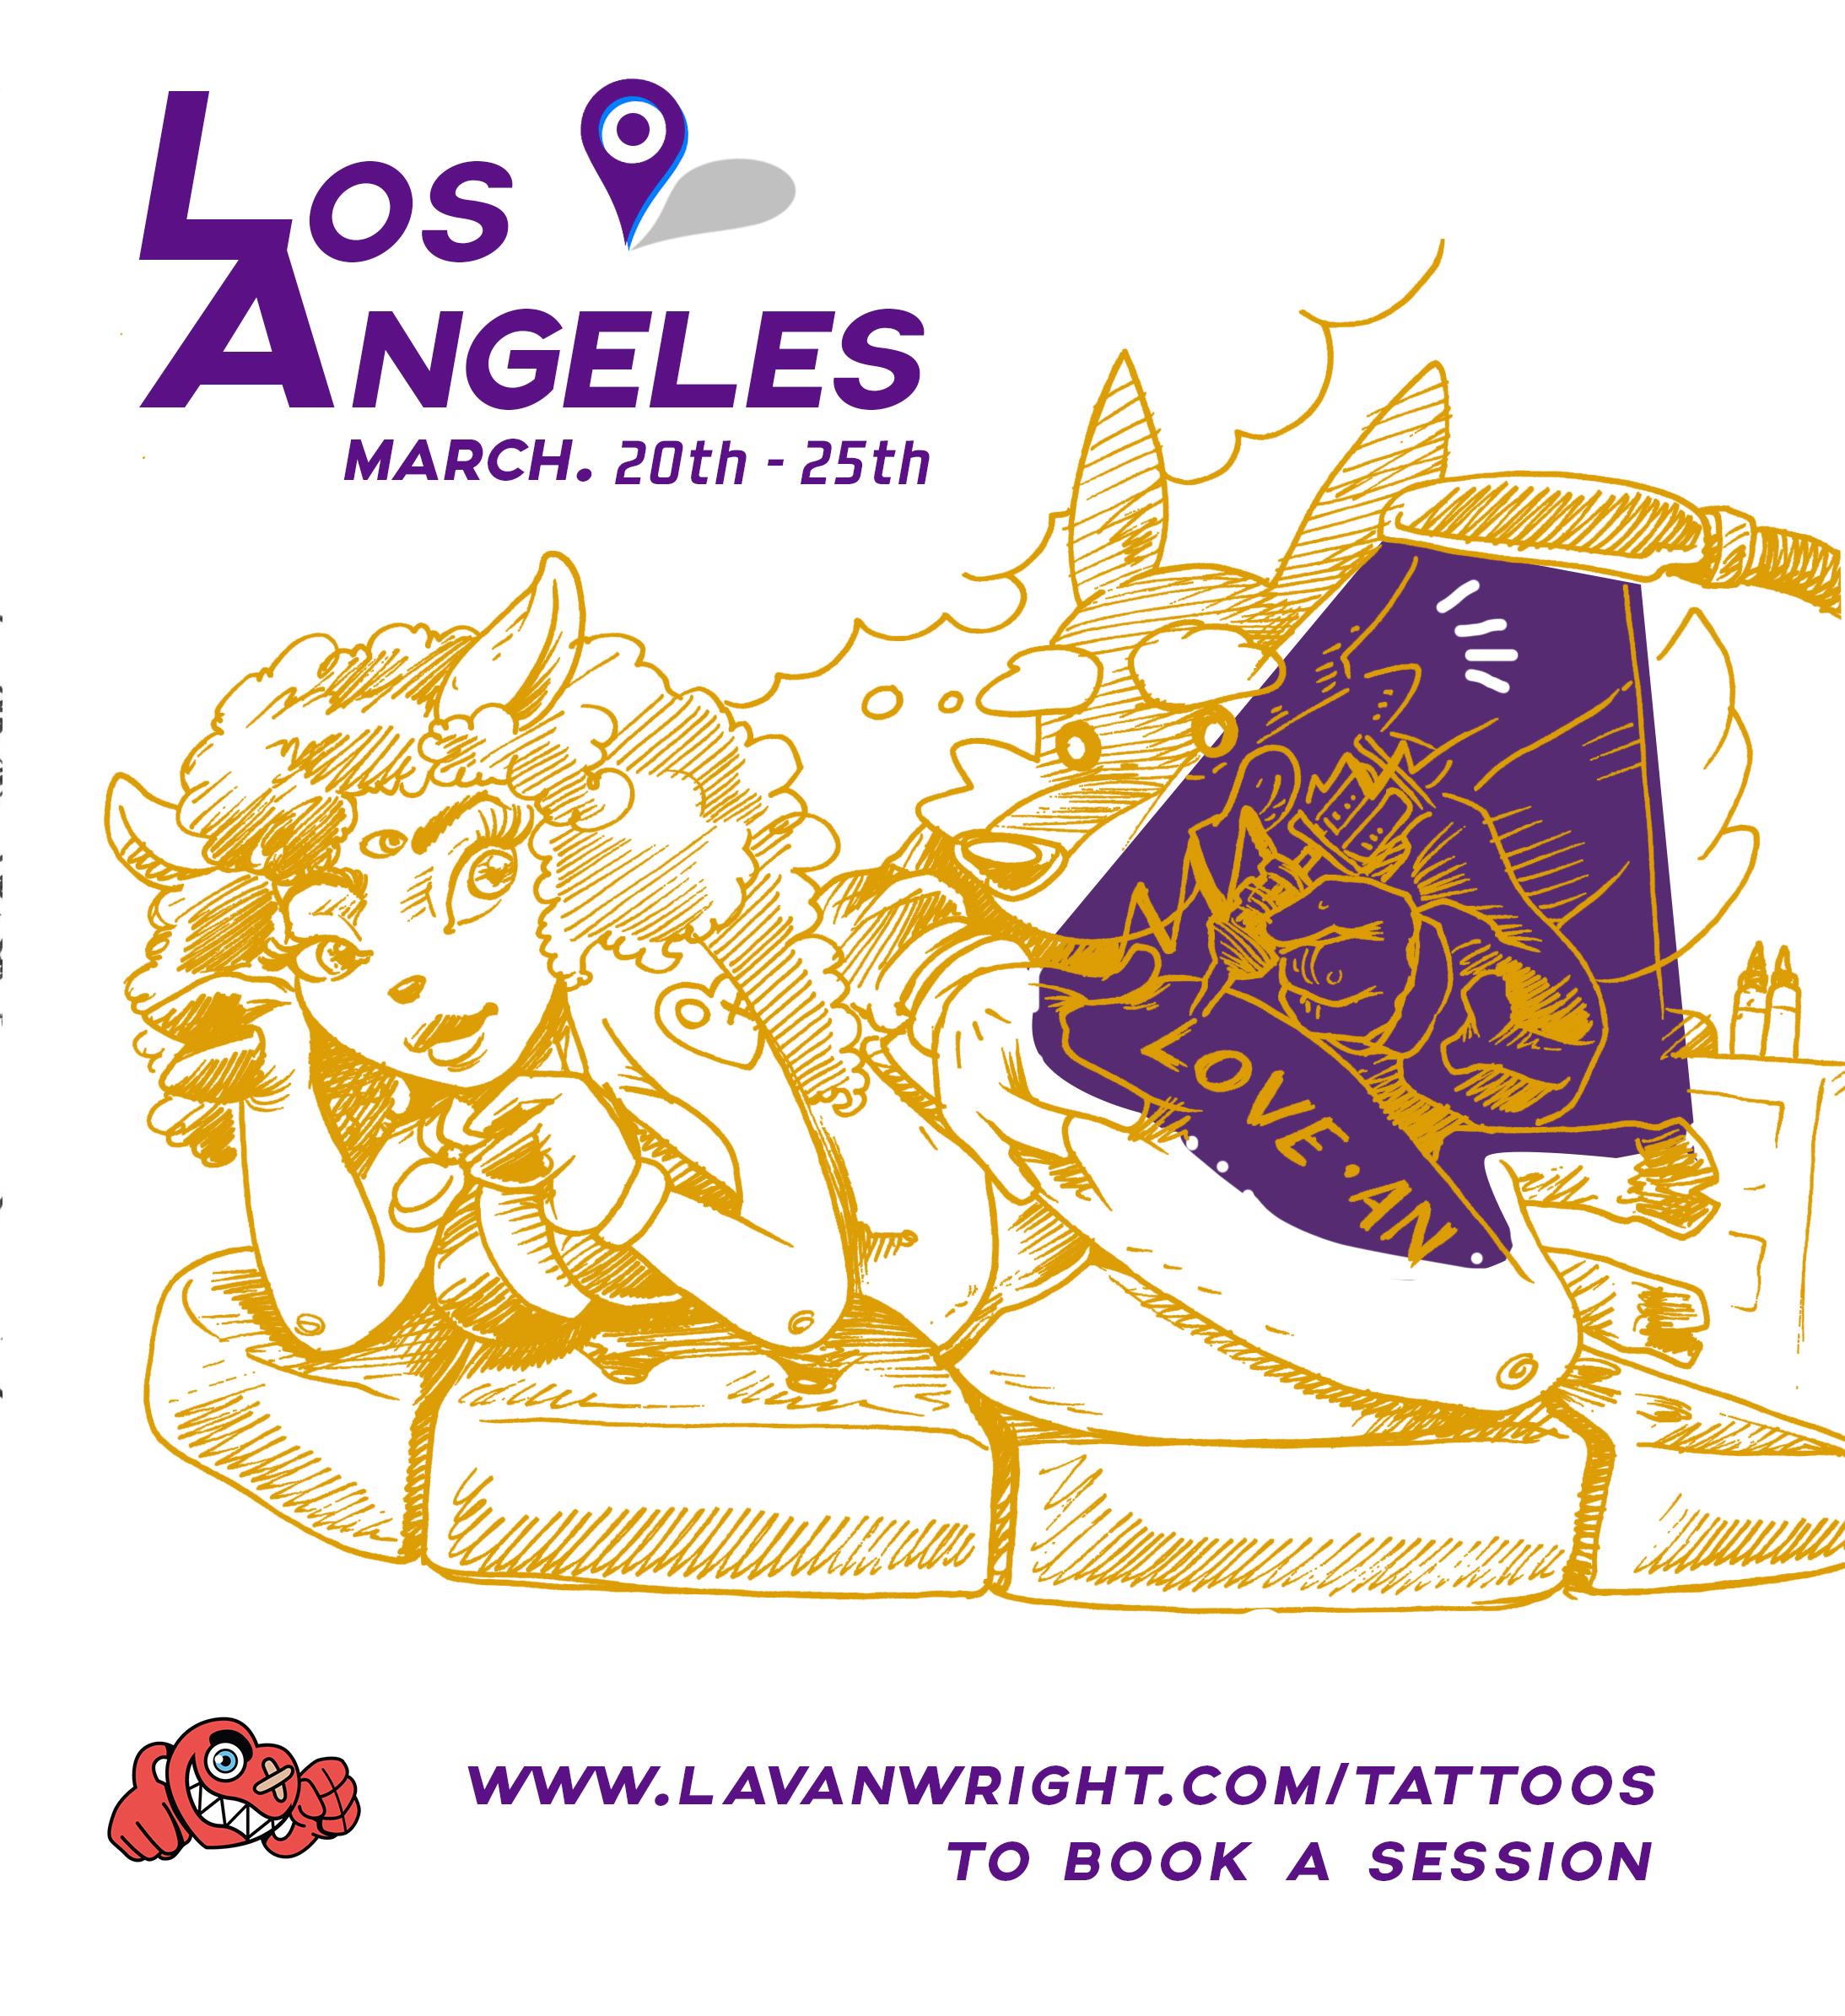 LOS-ANGELES-2019-.jpg